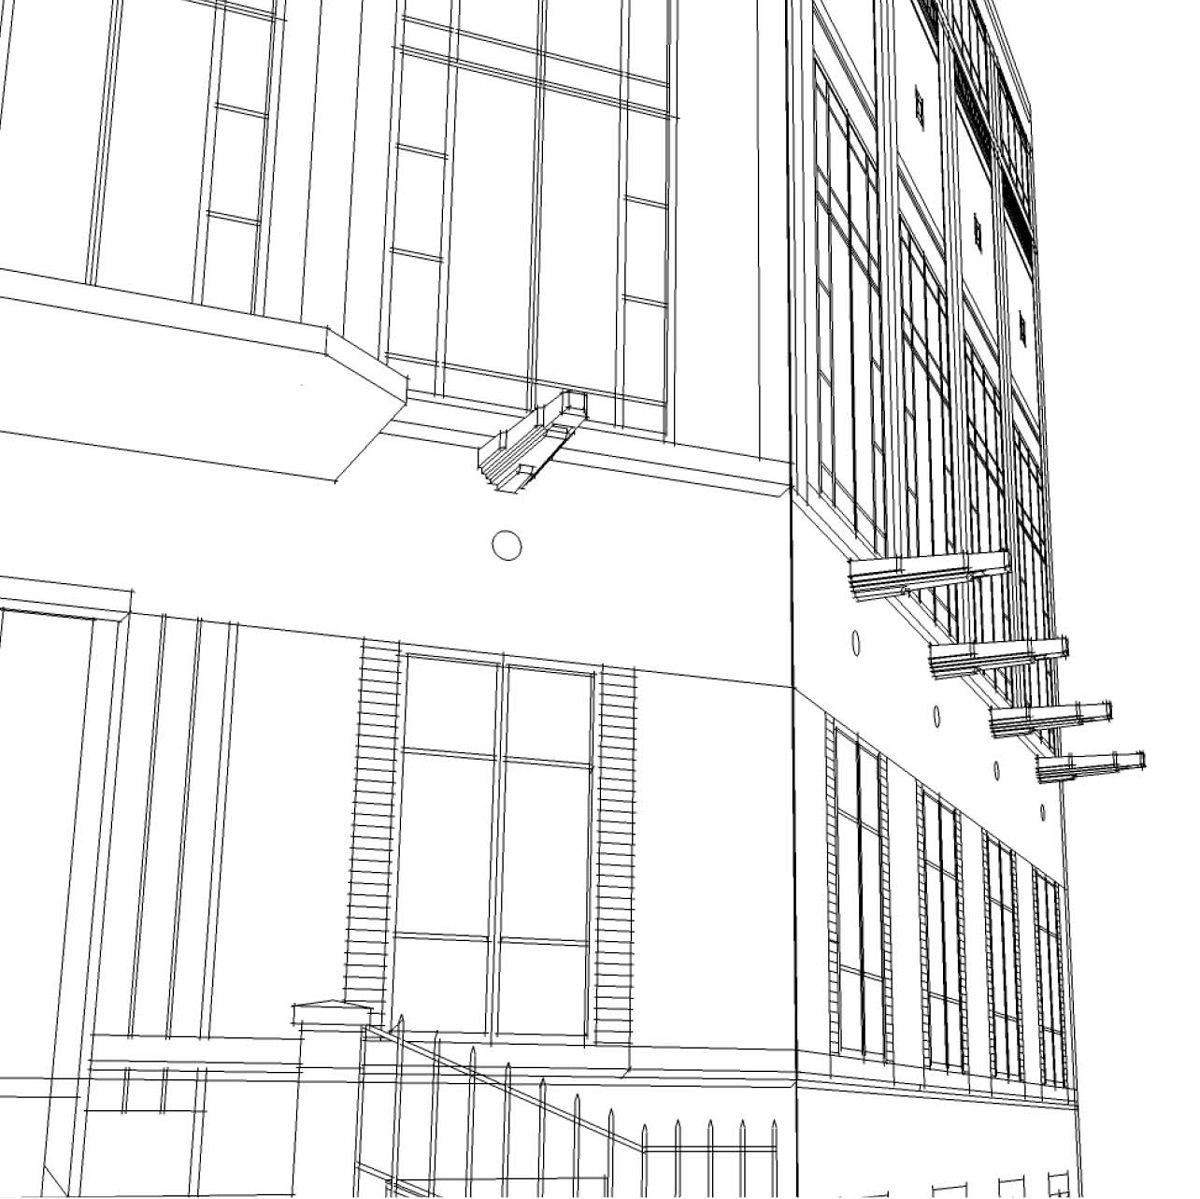 Maison des Associations, Vincennes, France - Concepteur lumière et dessin : Stéphane Servant, Atelier S²